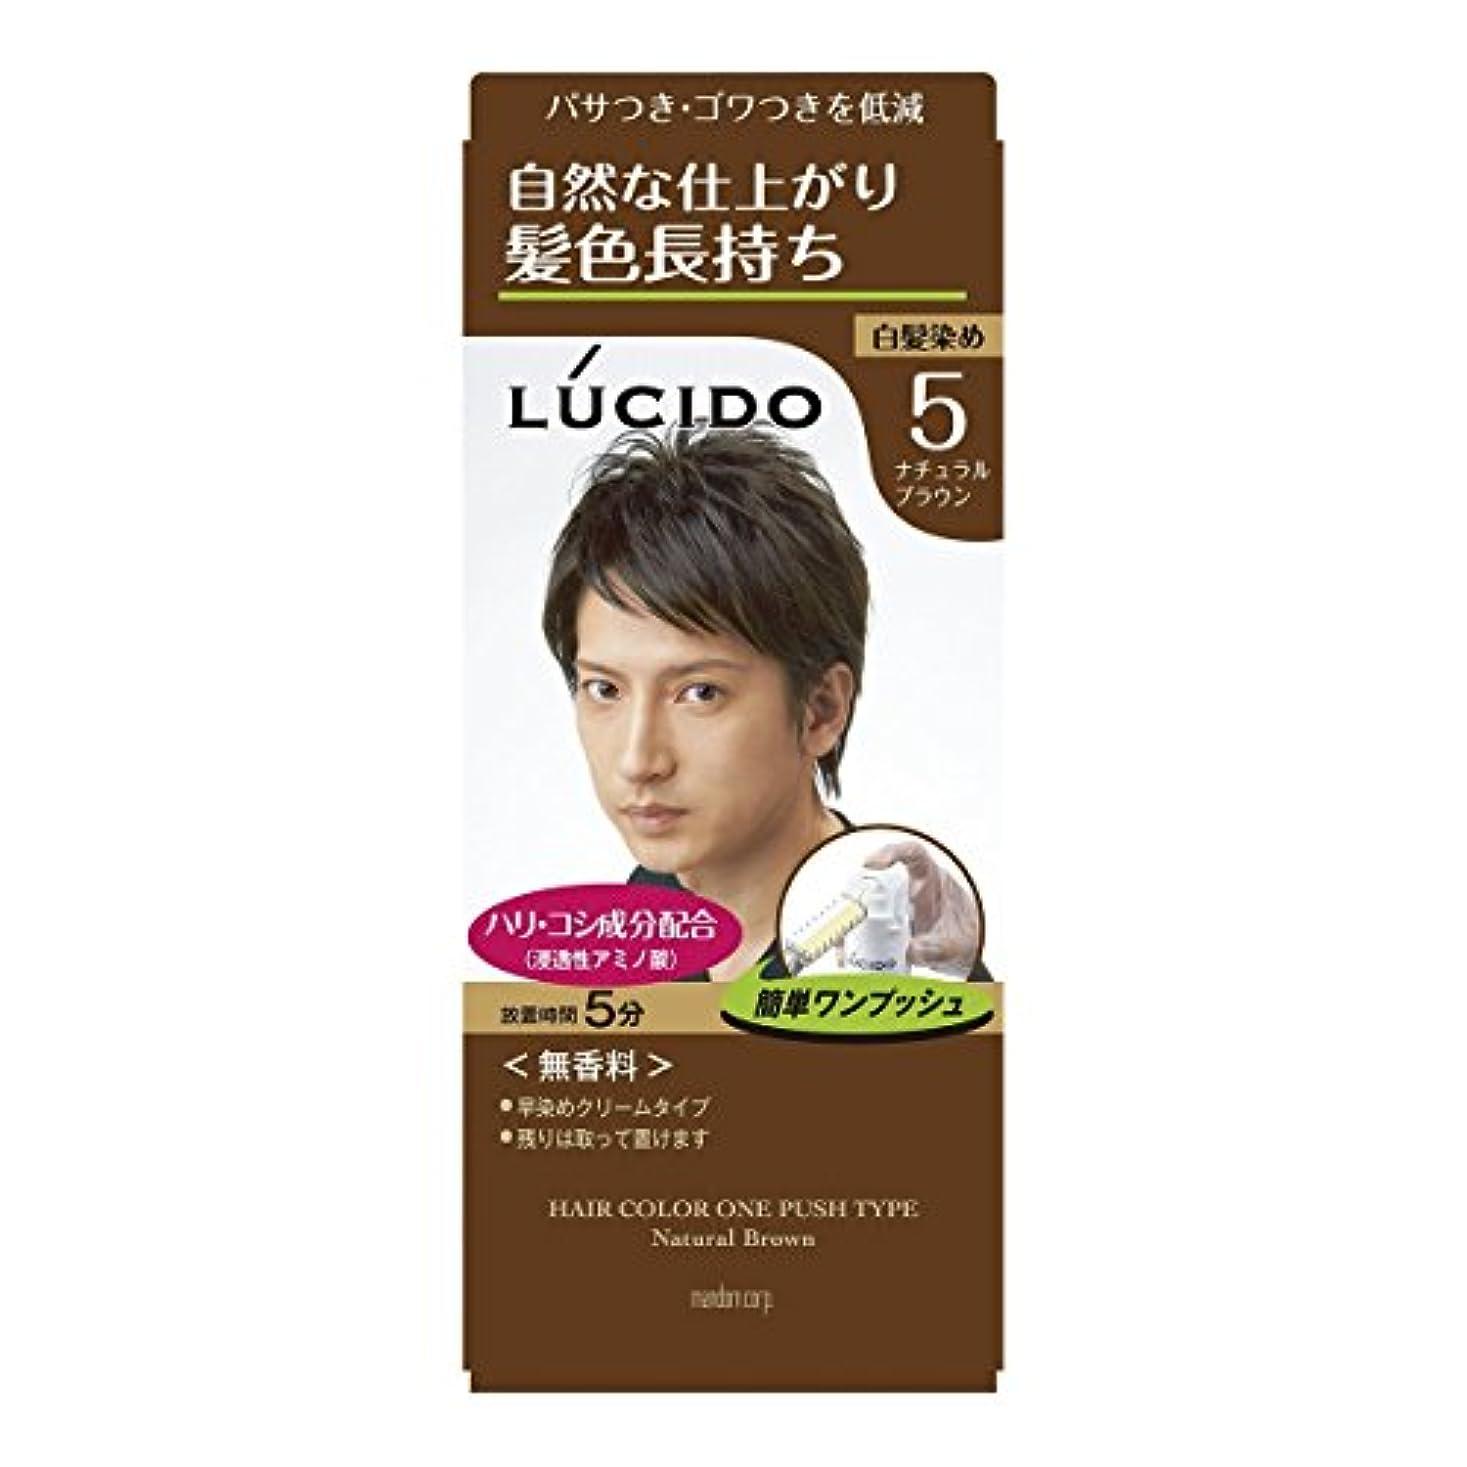 【マンダム】ルシード ワンプッシュケアカラー 5 ナチュラルブラウン 1剤50g?2剤50g ×3個セット